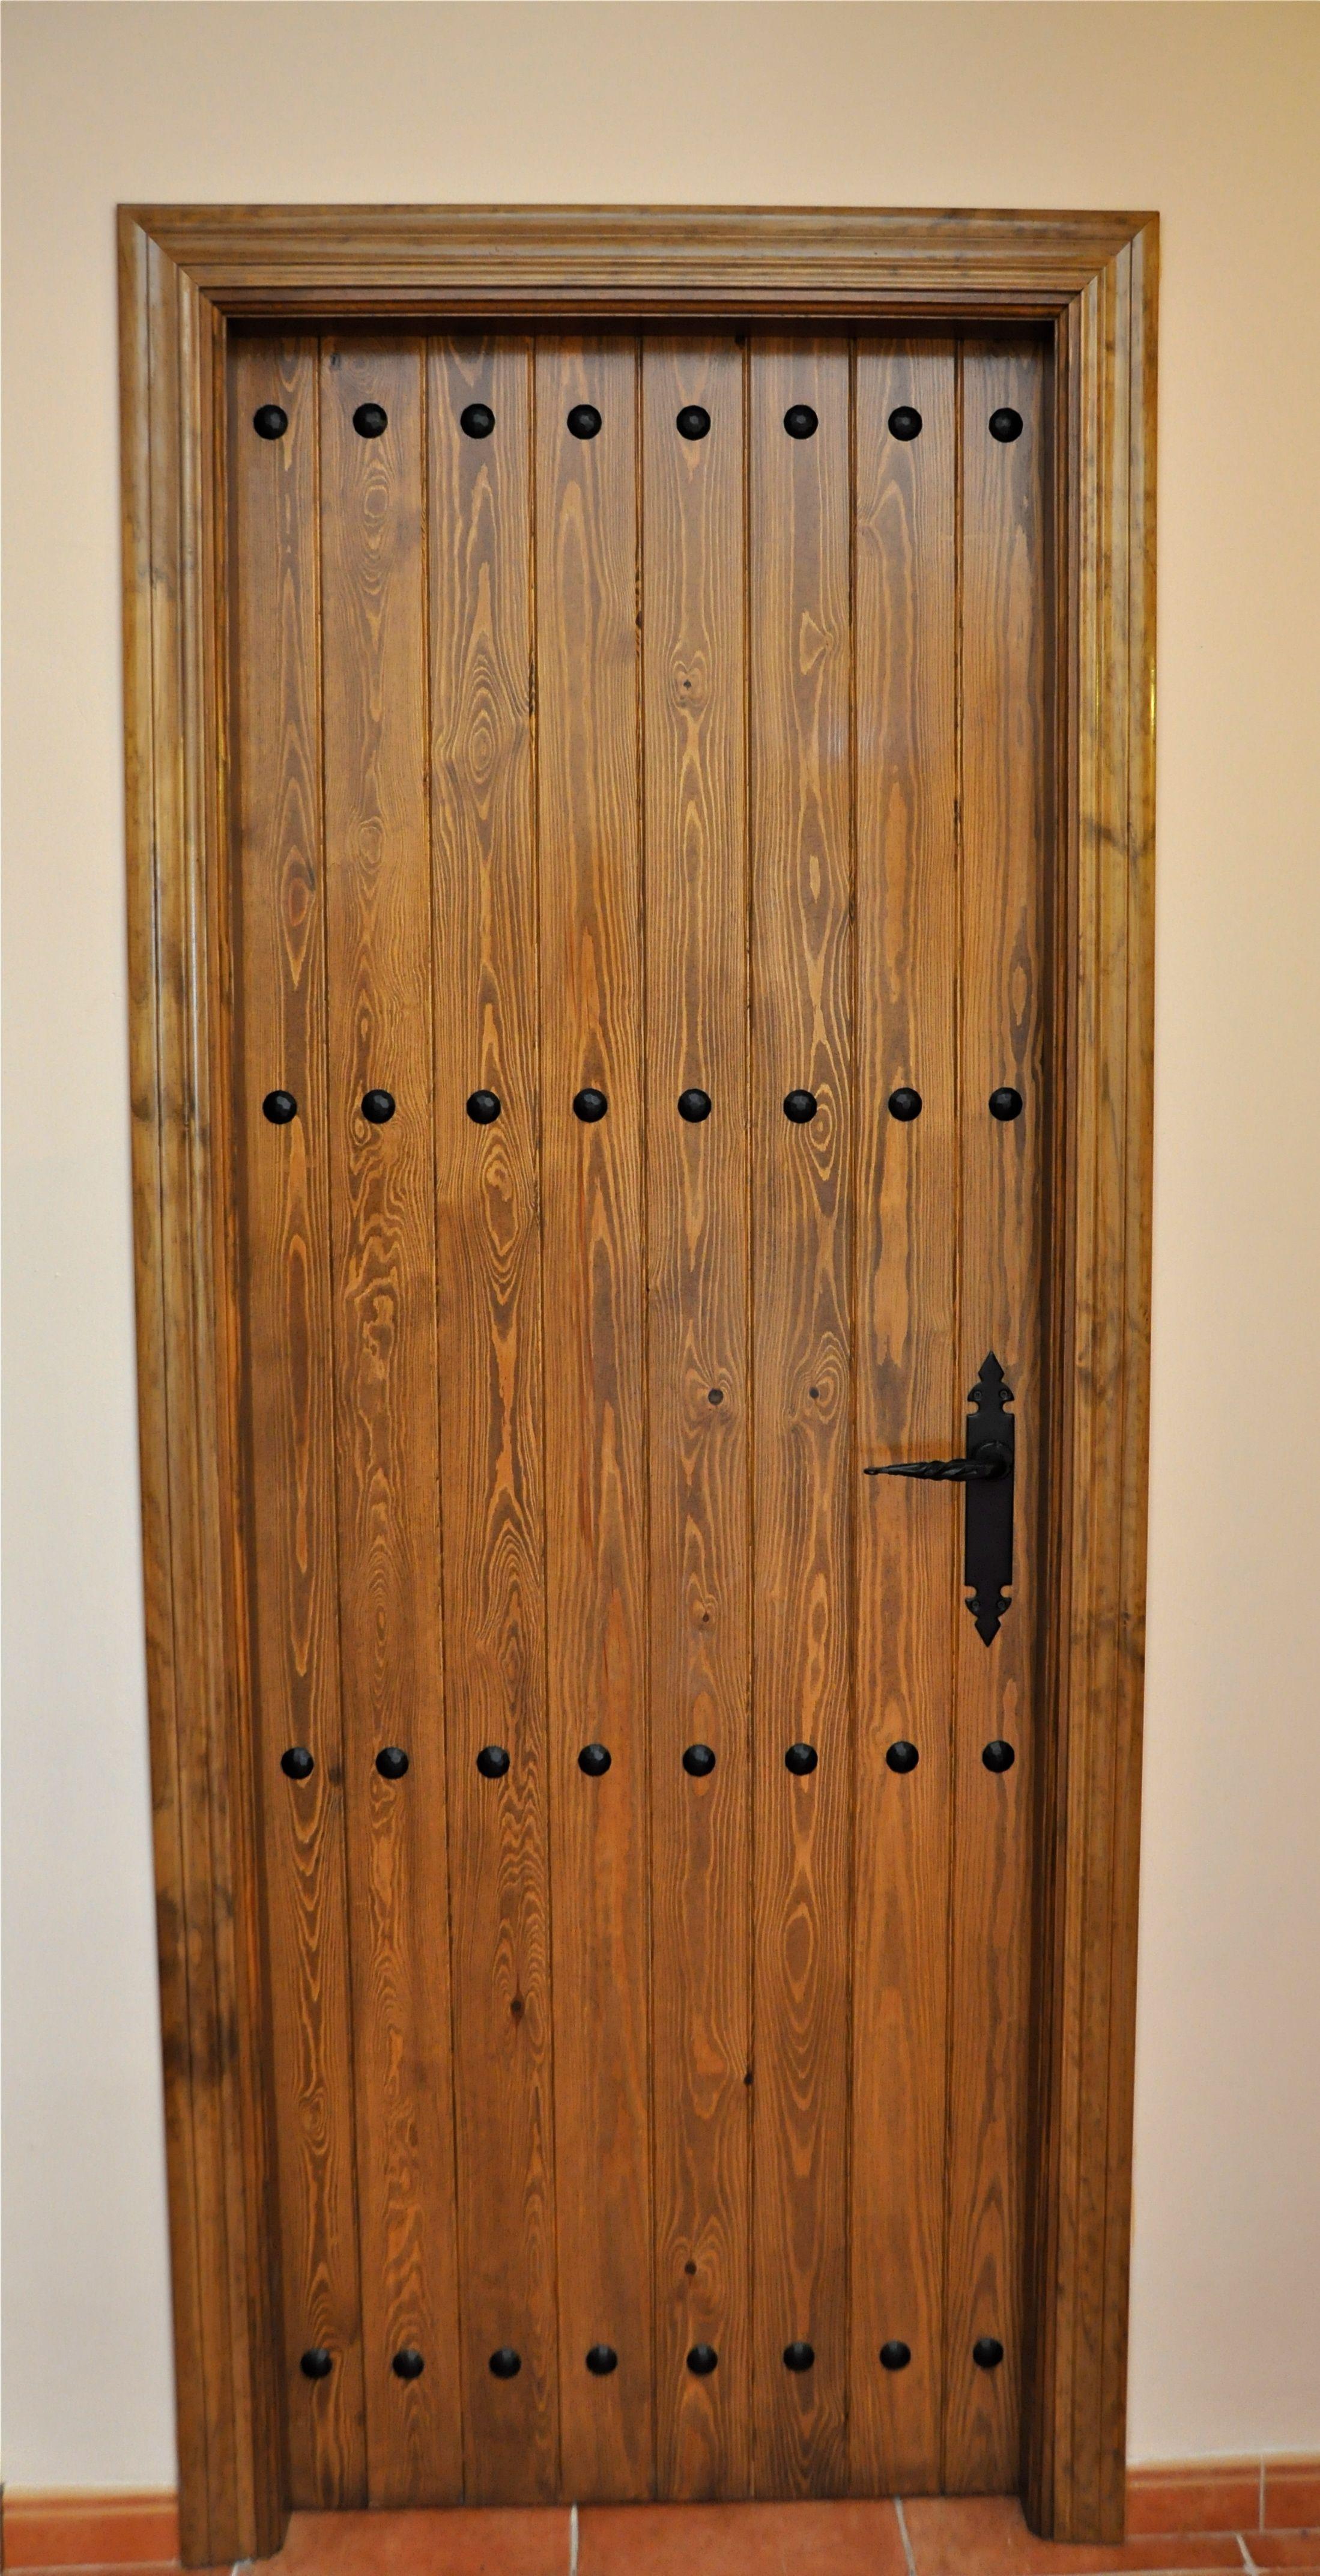 Pin de blanca aragon en puertas pinterest gitano - Puertas rusticas interior ...